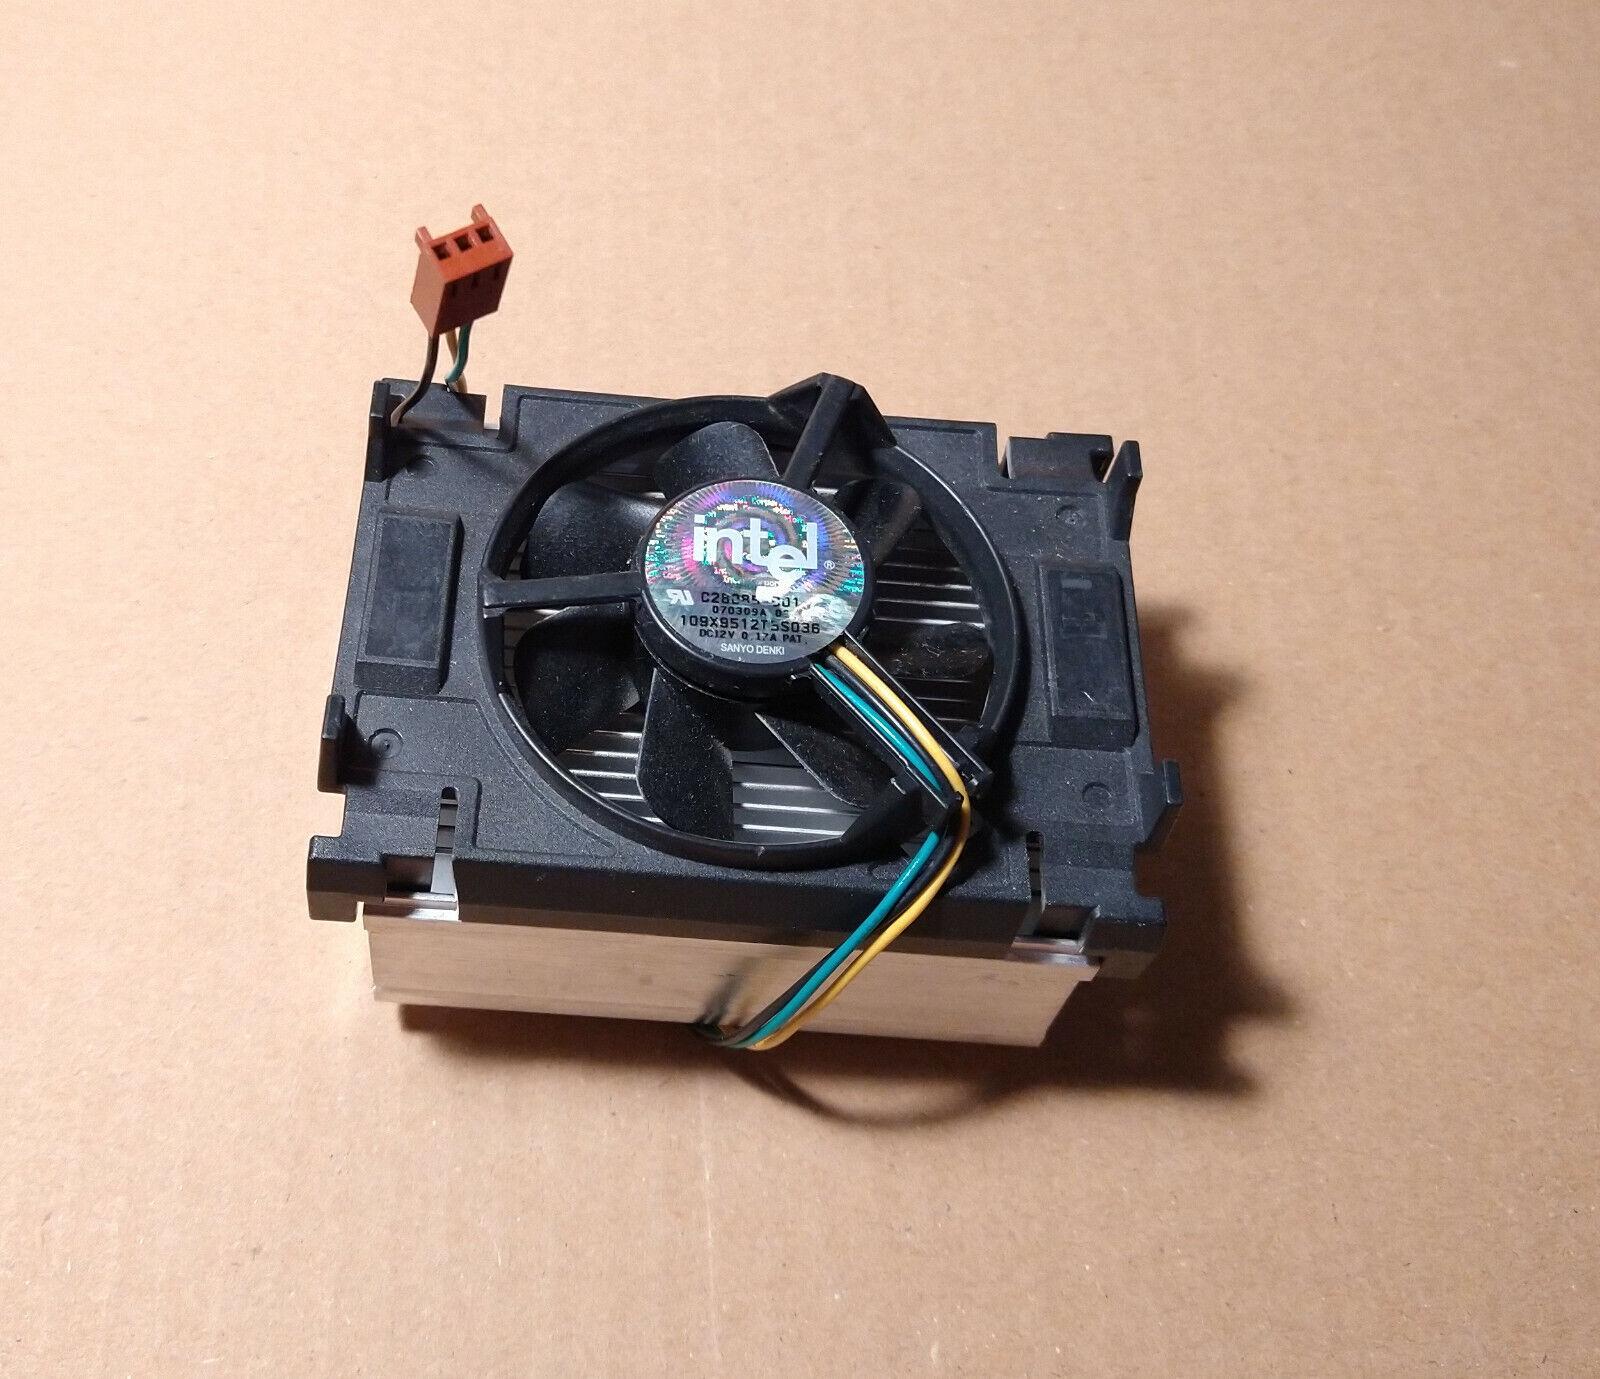 Intel heat sink and fan - C28085-001 109X9512T5S036 - Socket 478